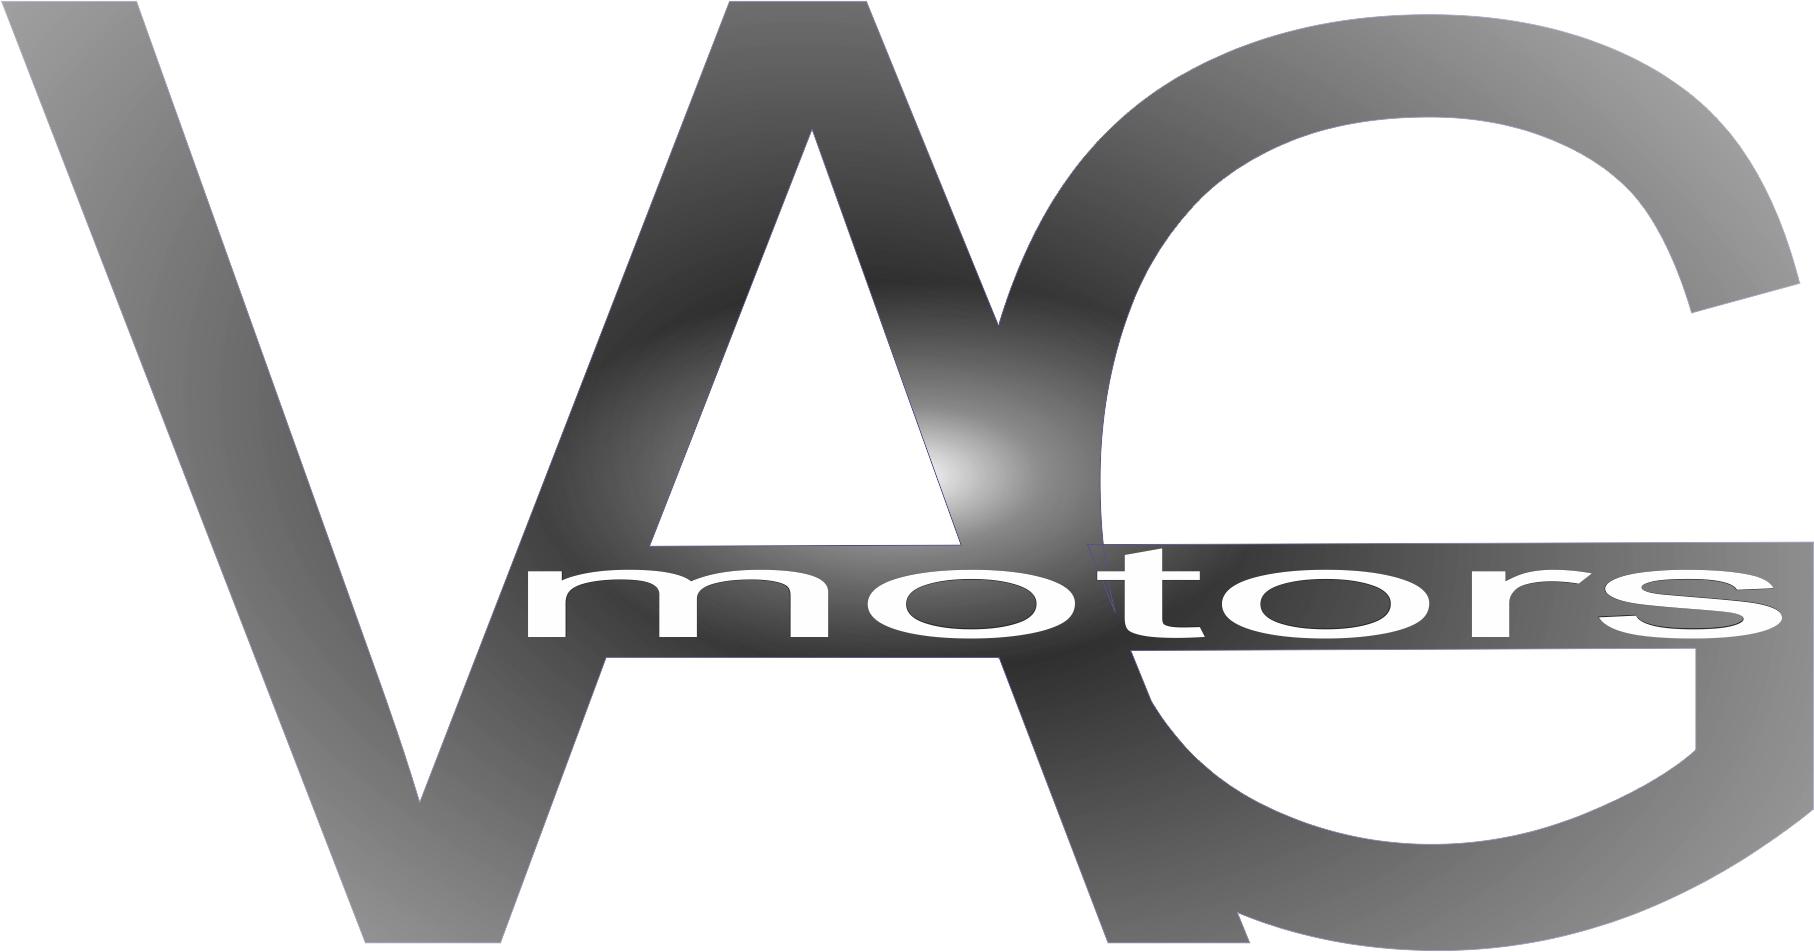 Разработать логотип автосервиса фото f_334557fe75c780b7.jpg